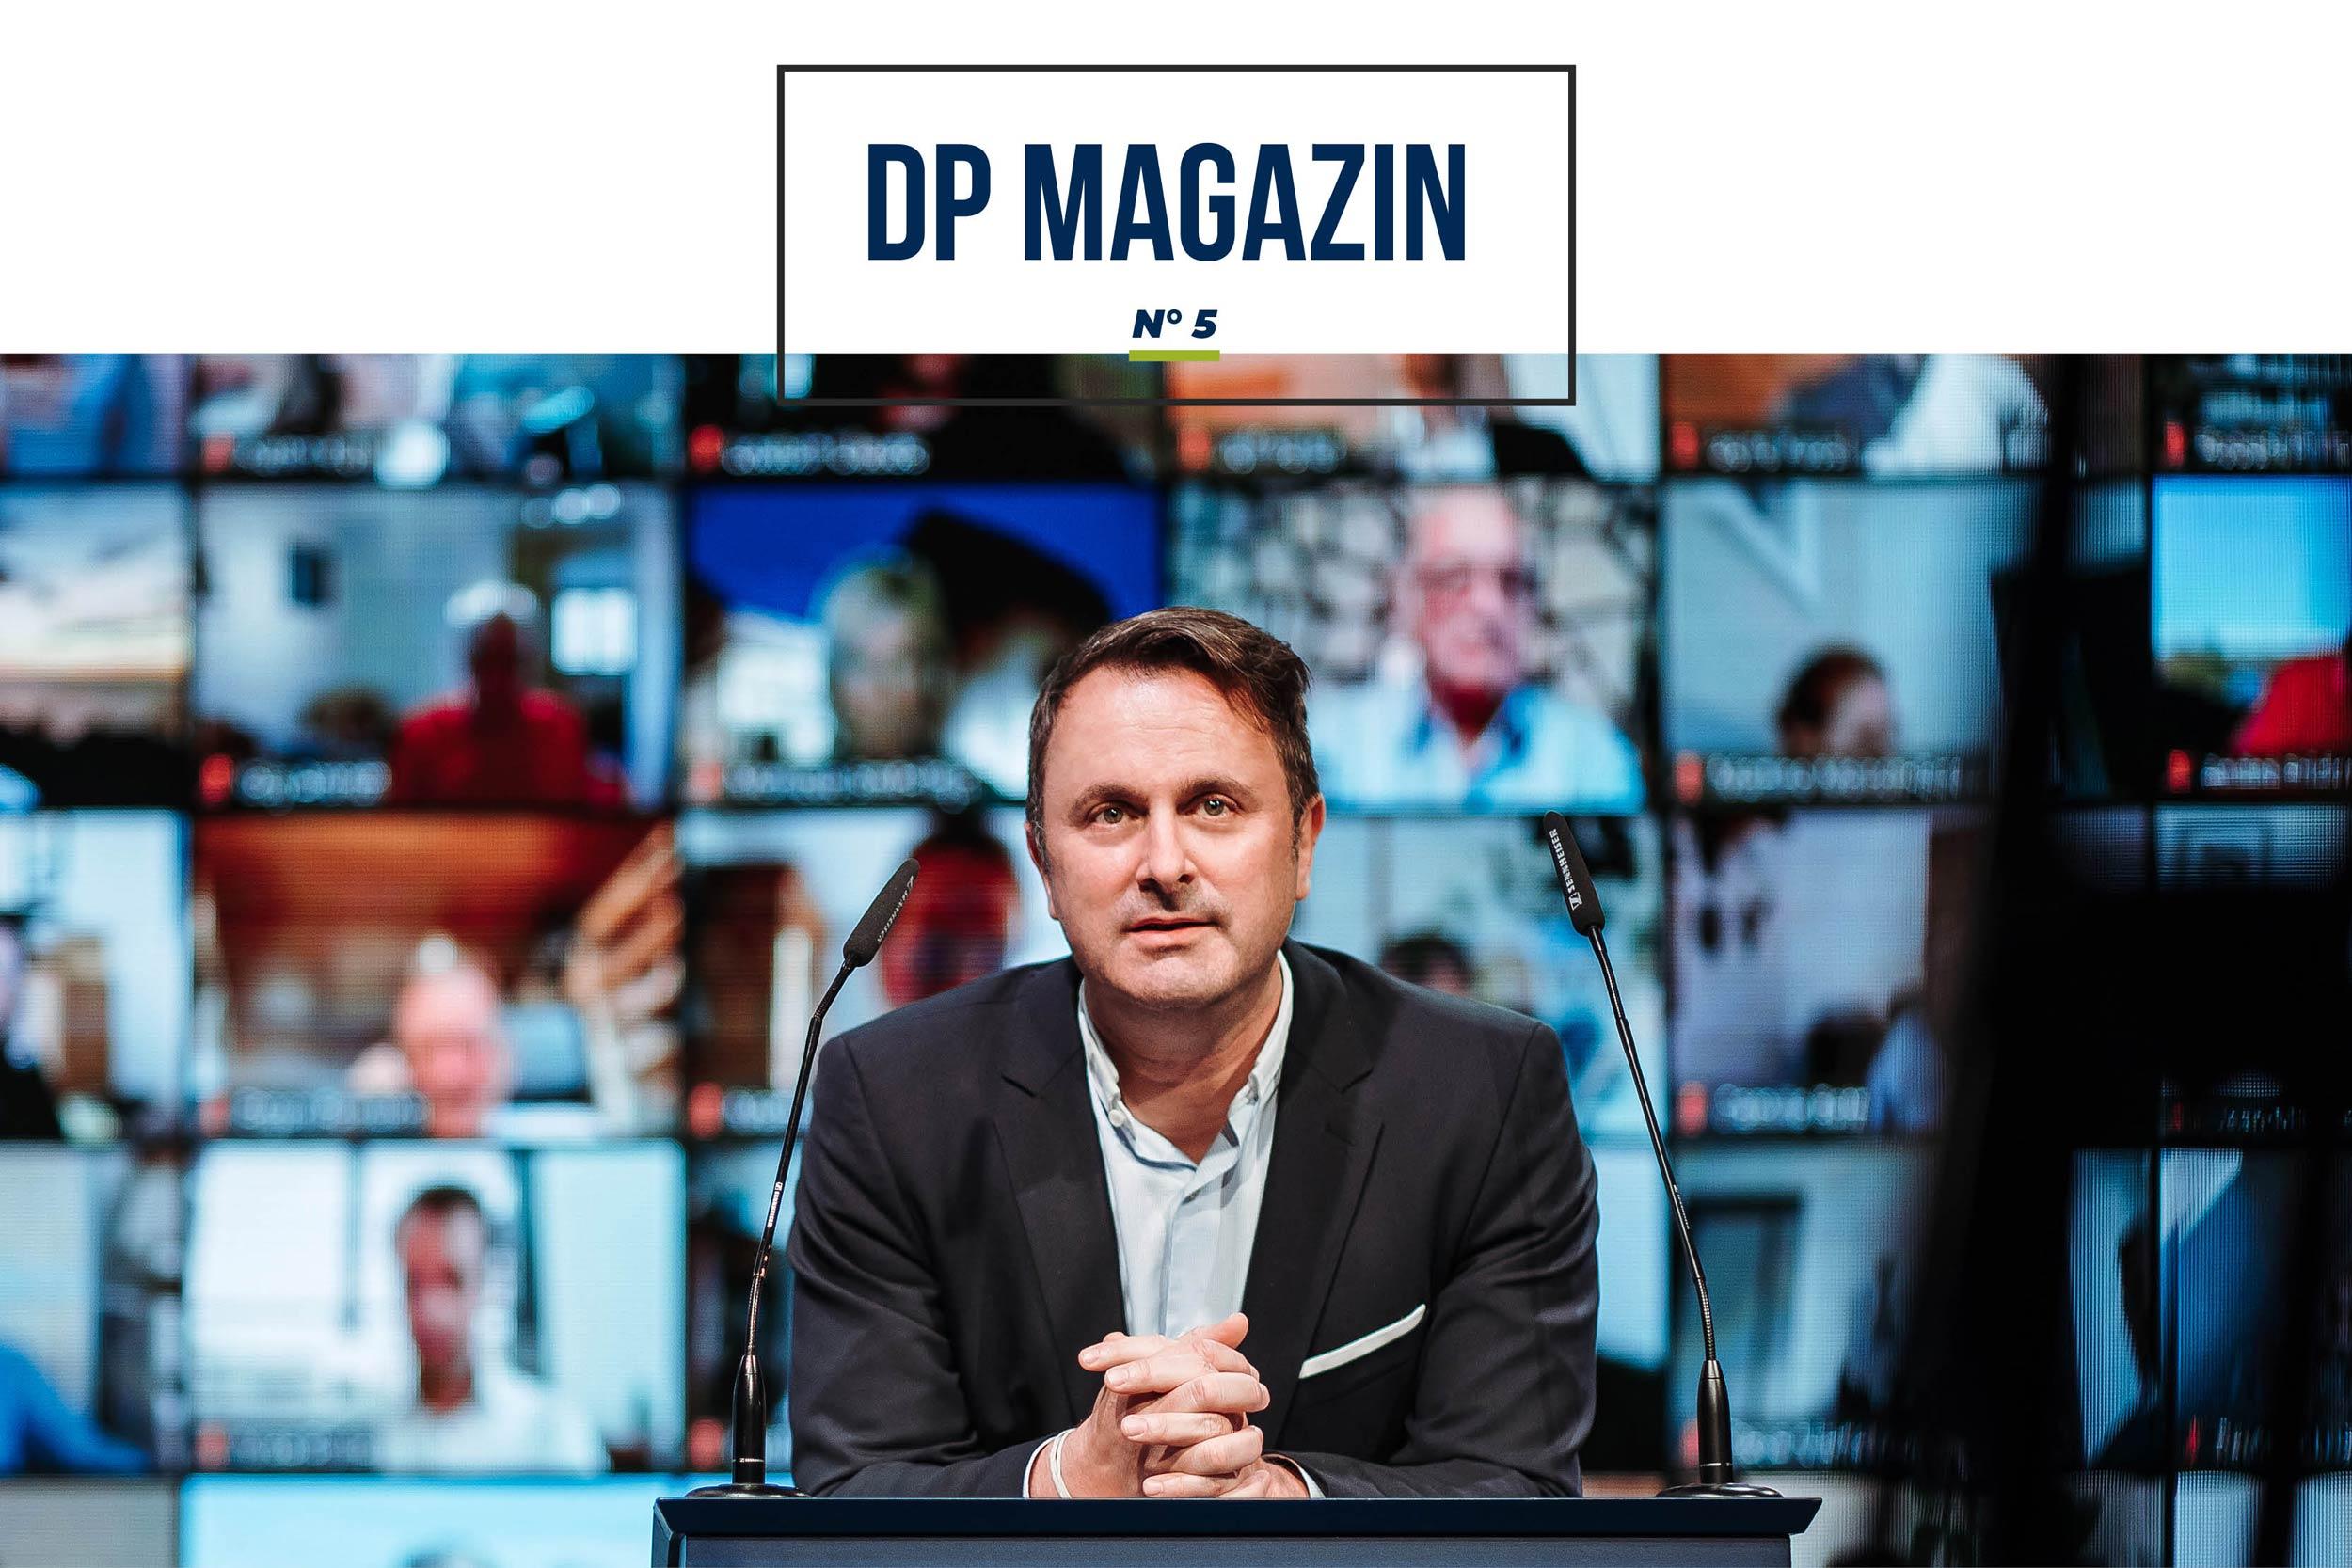 DP Magazin 5 Small